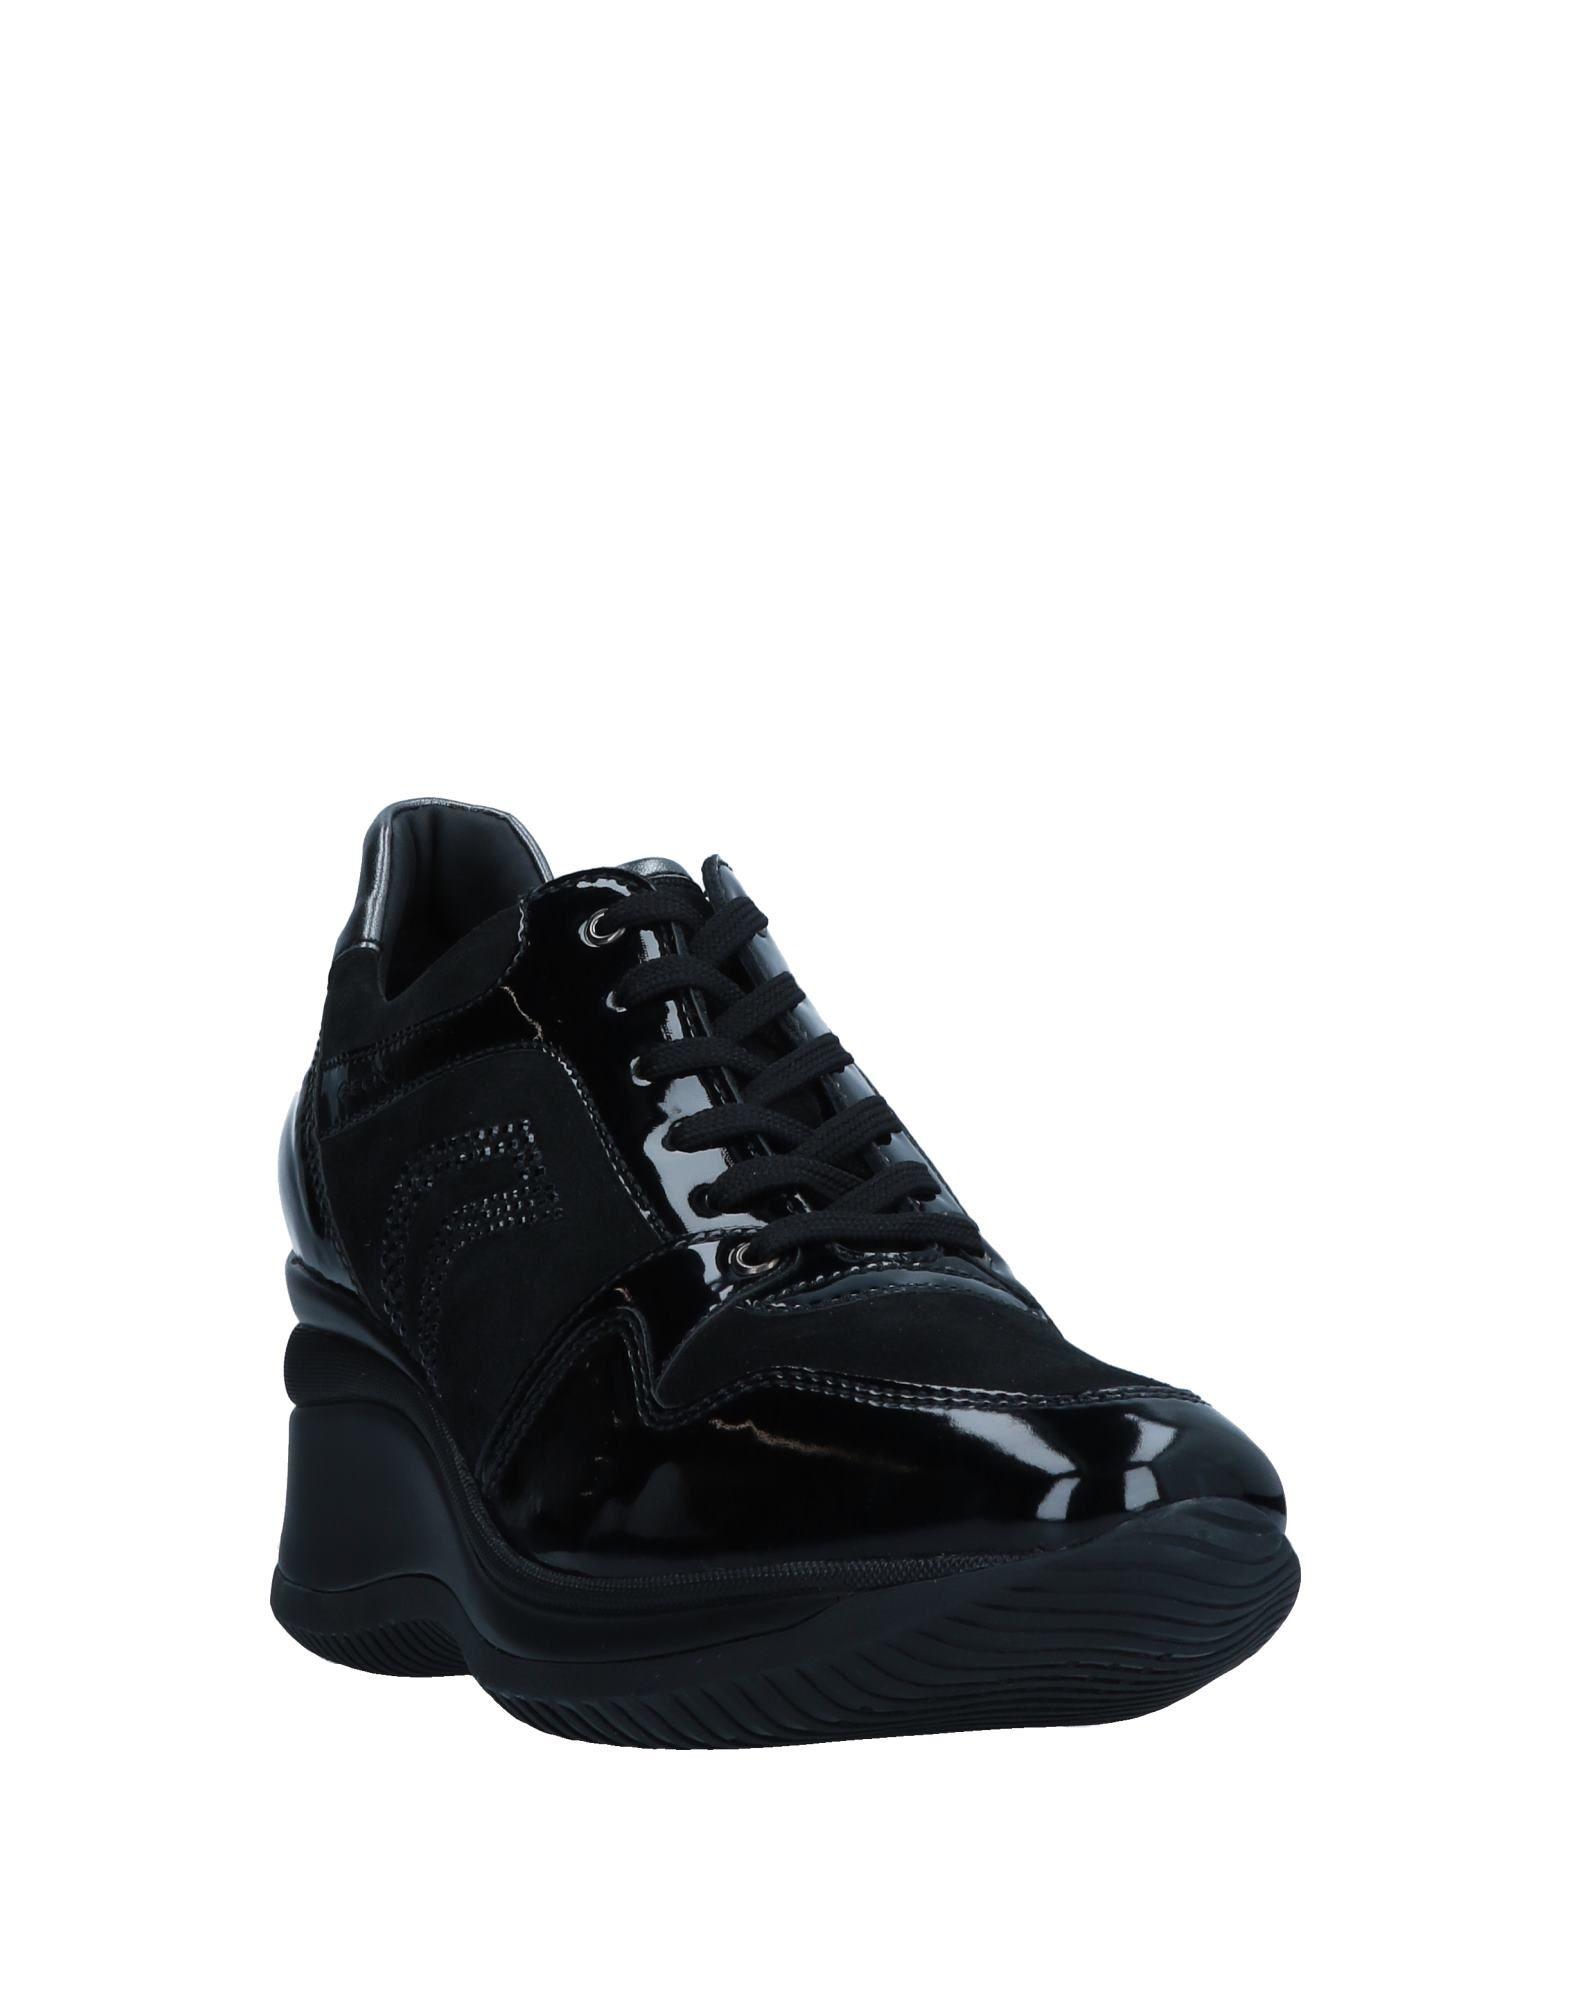 Geox Sneakers Damen  11540597MC Gute Qualität beliebte Schuhe